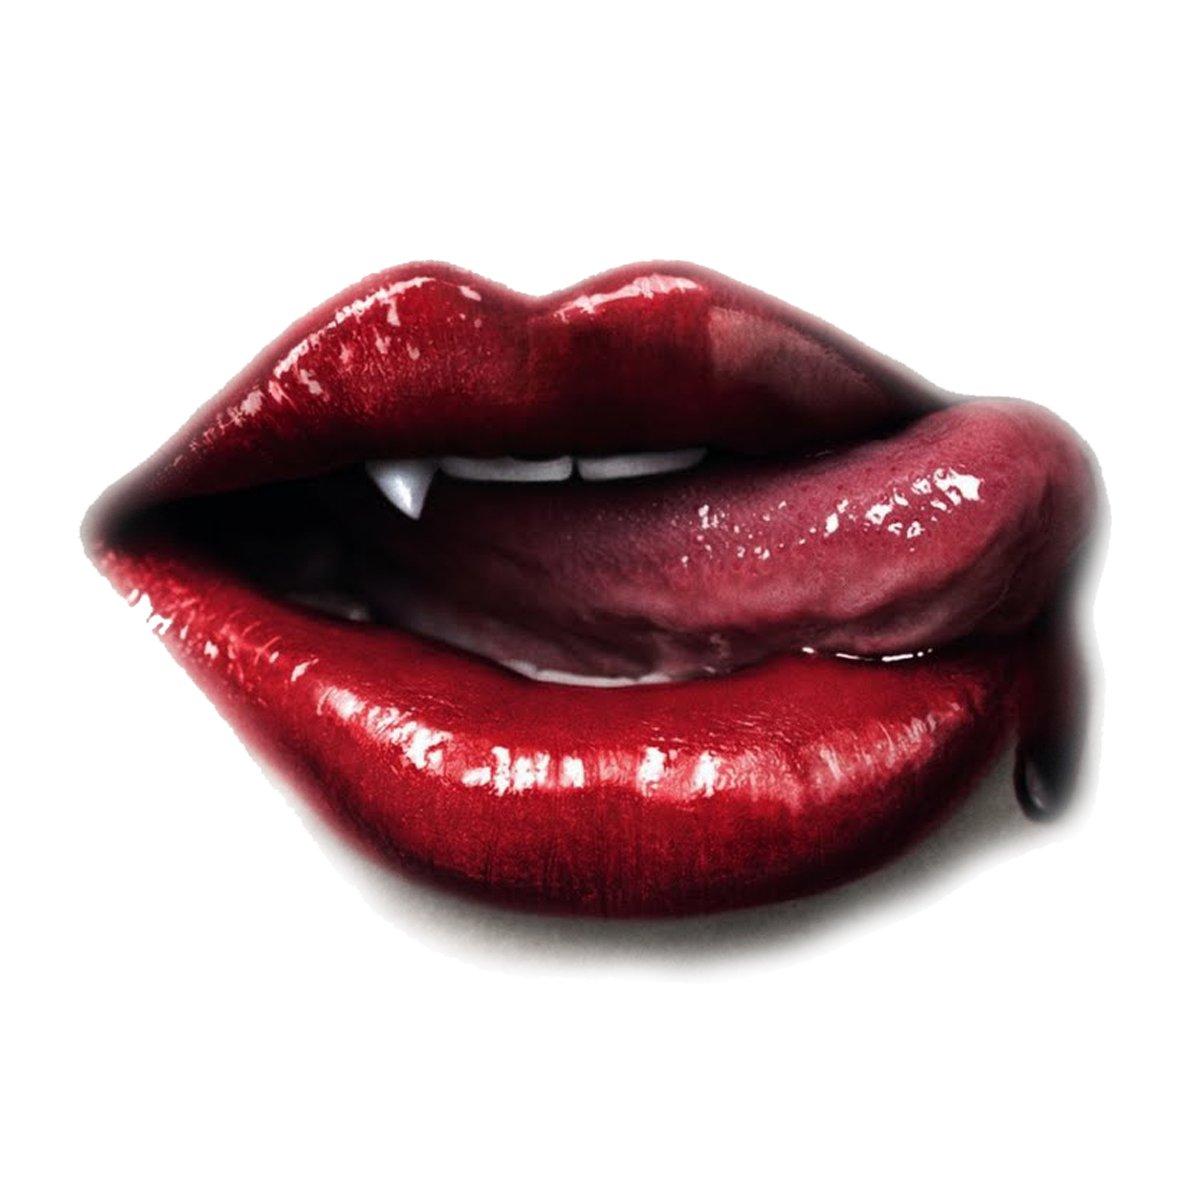 Vampire's Kiss High VG